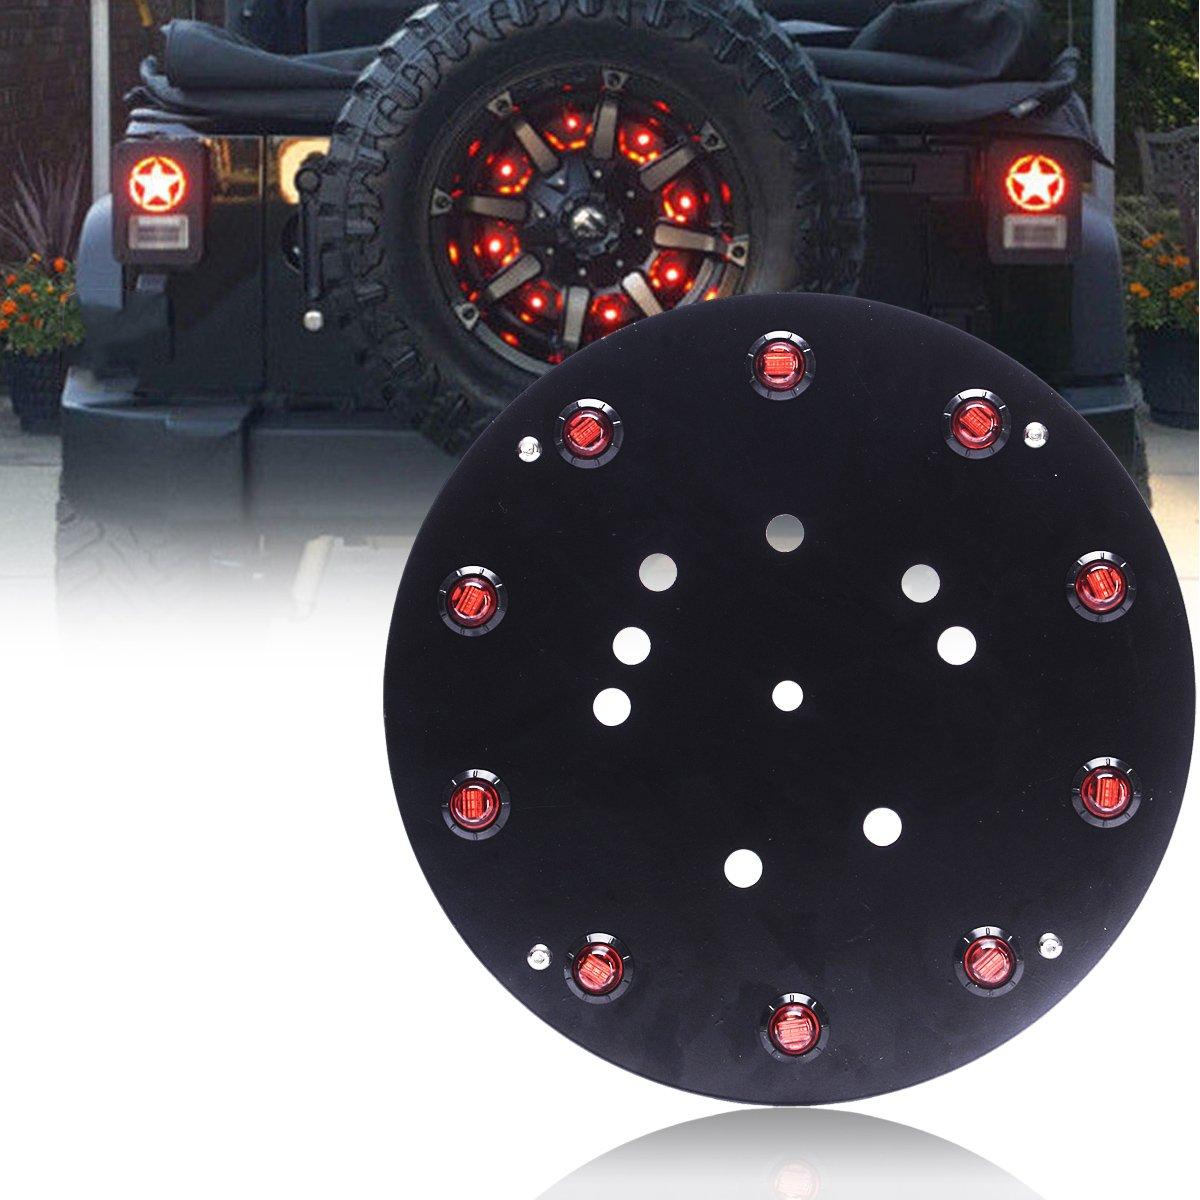 T-Former Spare Tire LED 3rd Brake Lights 12V - 10pcs Red Warning Signal Ring - Parking Lights Rear Wheel Backup Tail Light For Off Road 2007-2017 Jeep Wrangler JK JKU Unlimited